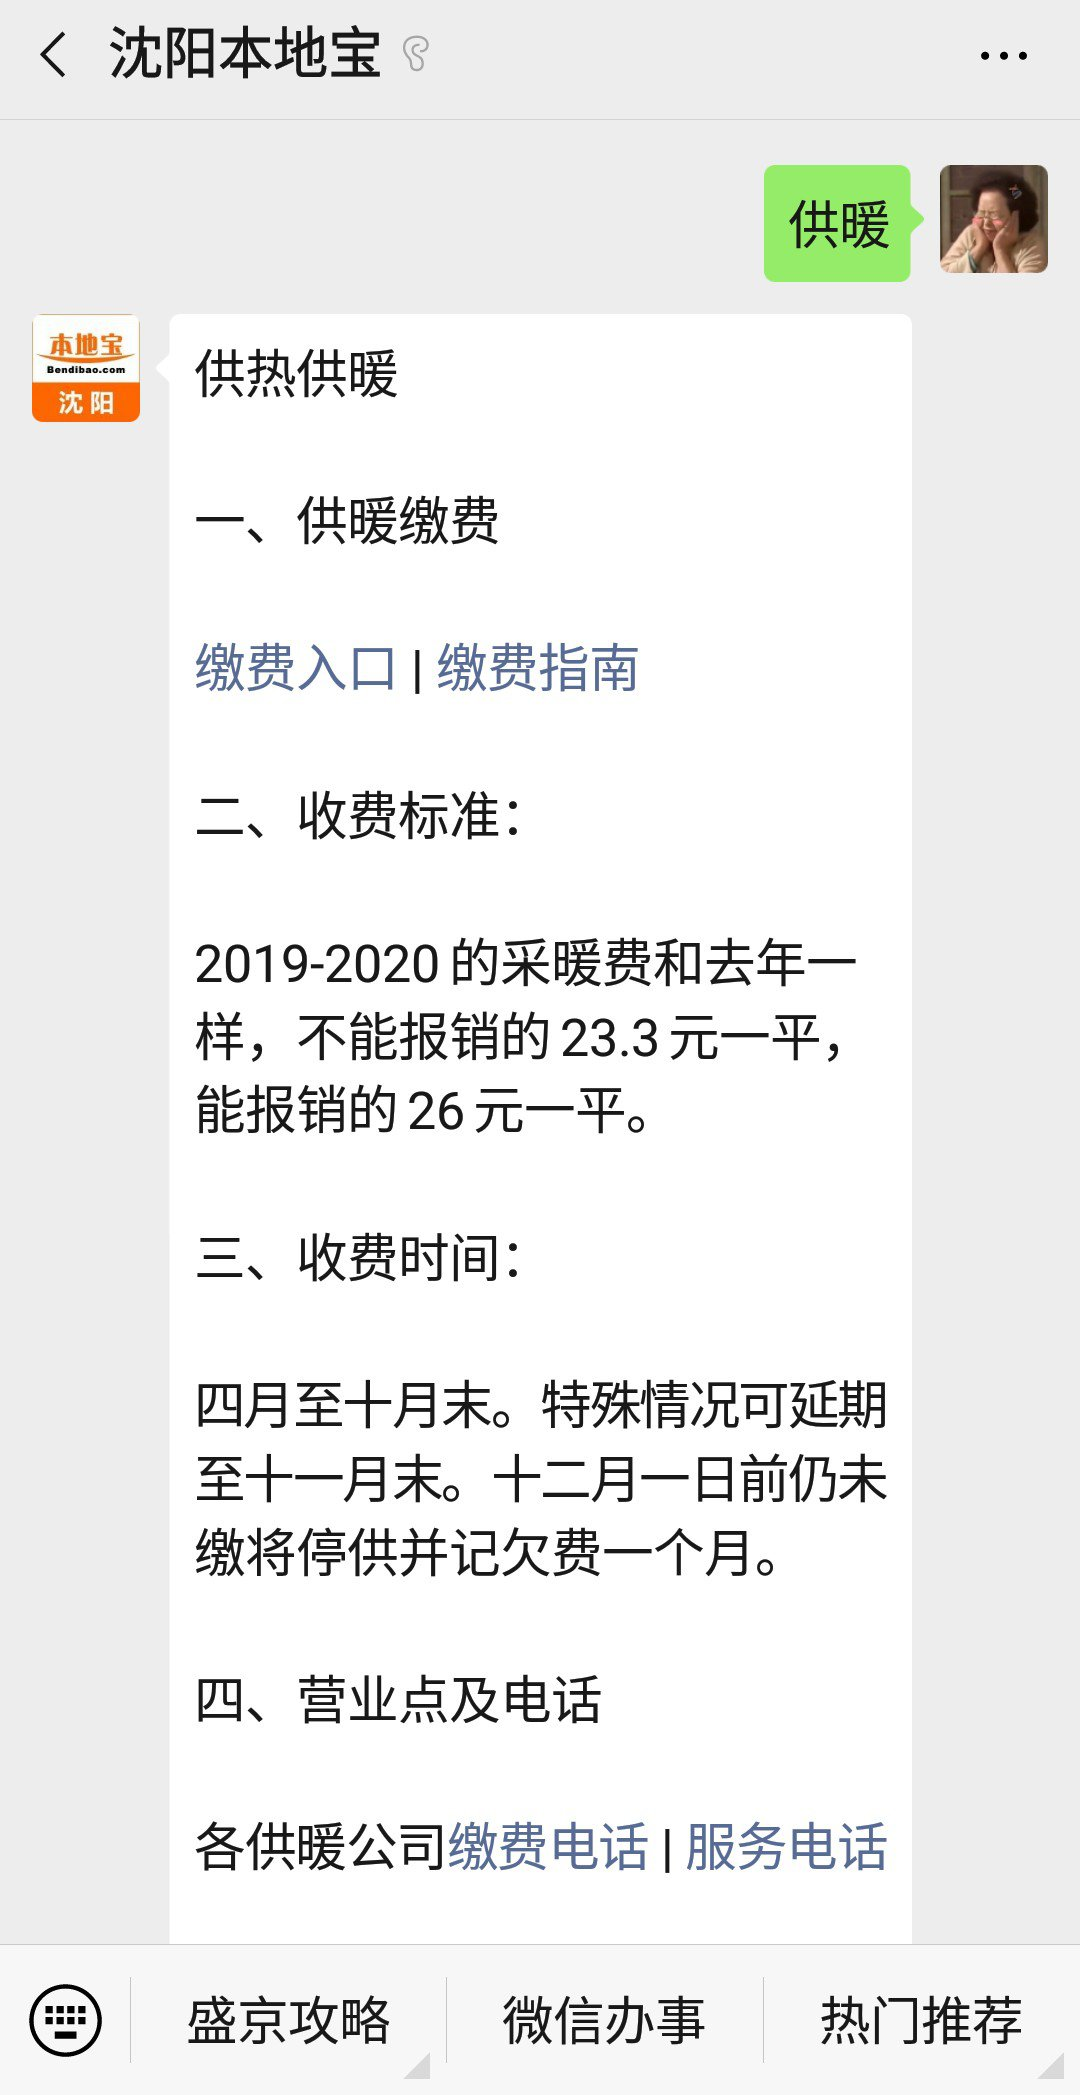 沈阳2019-2020年度的采暖费收费标准和采暖期